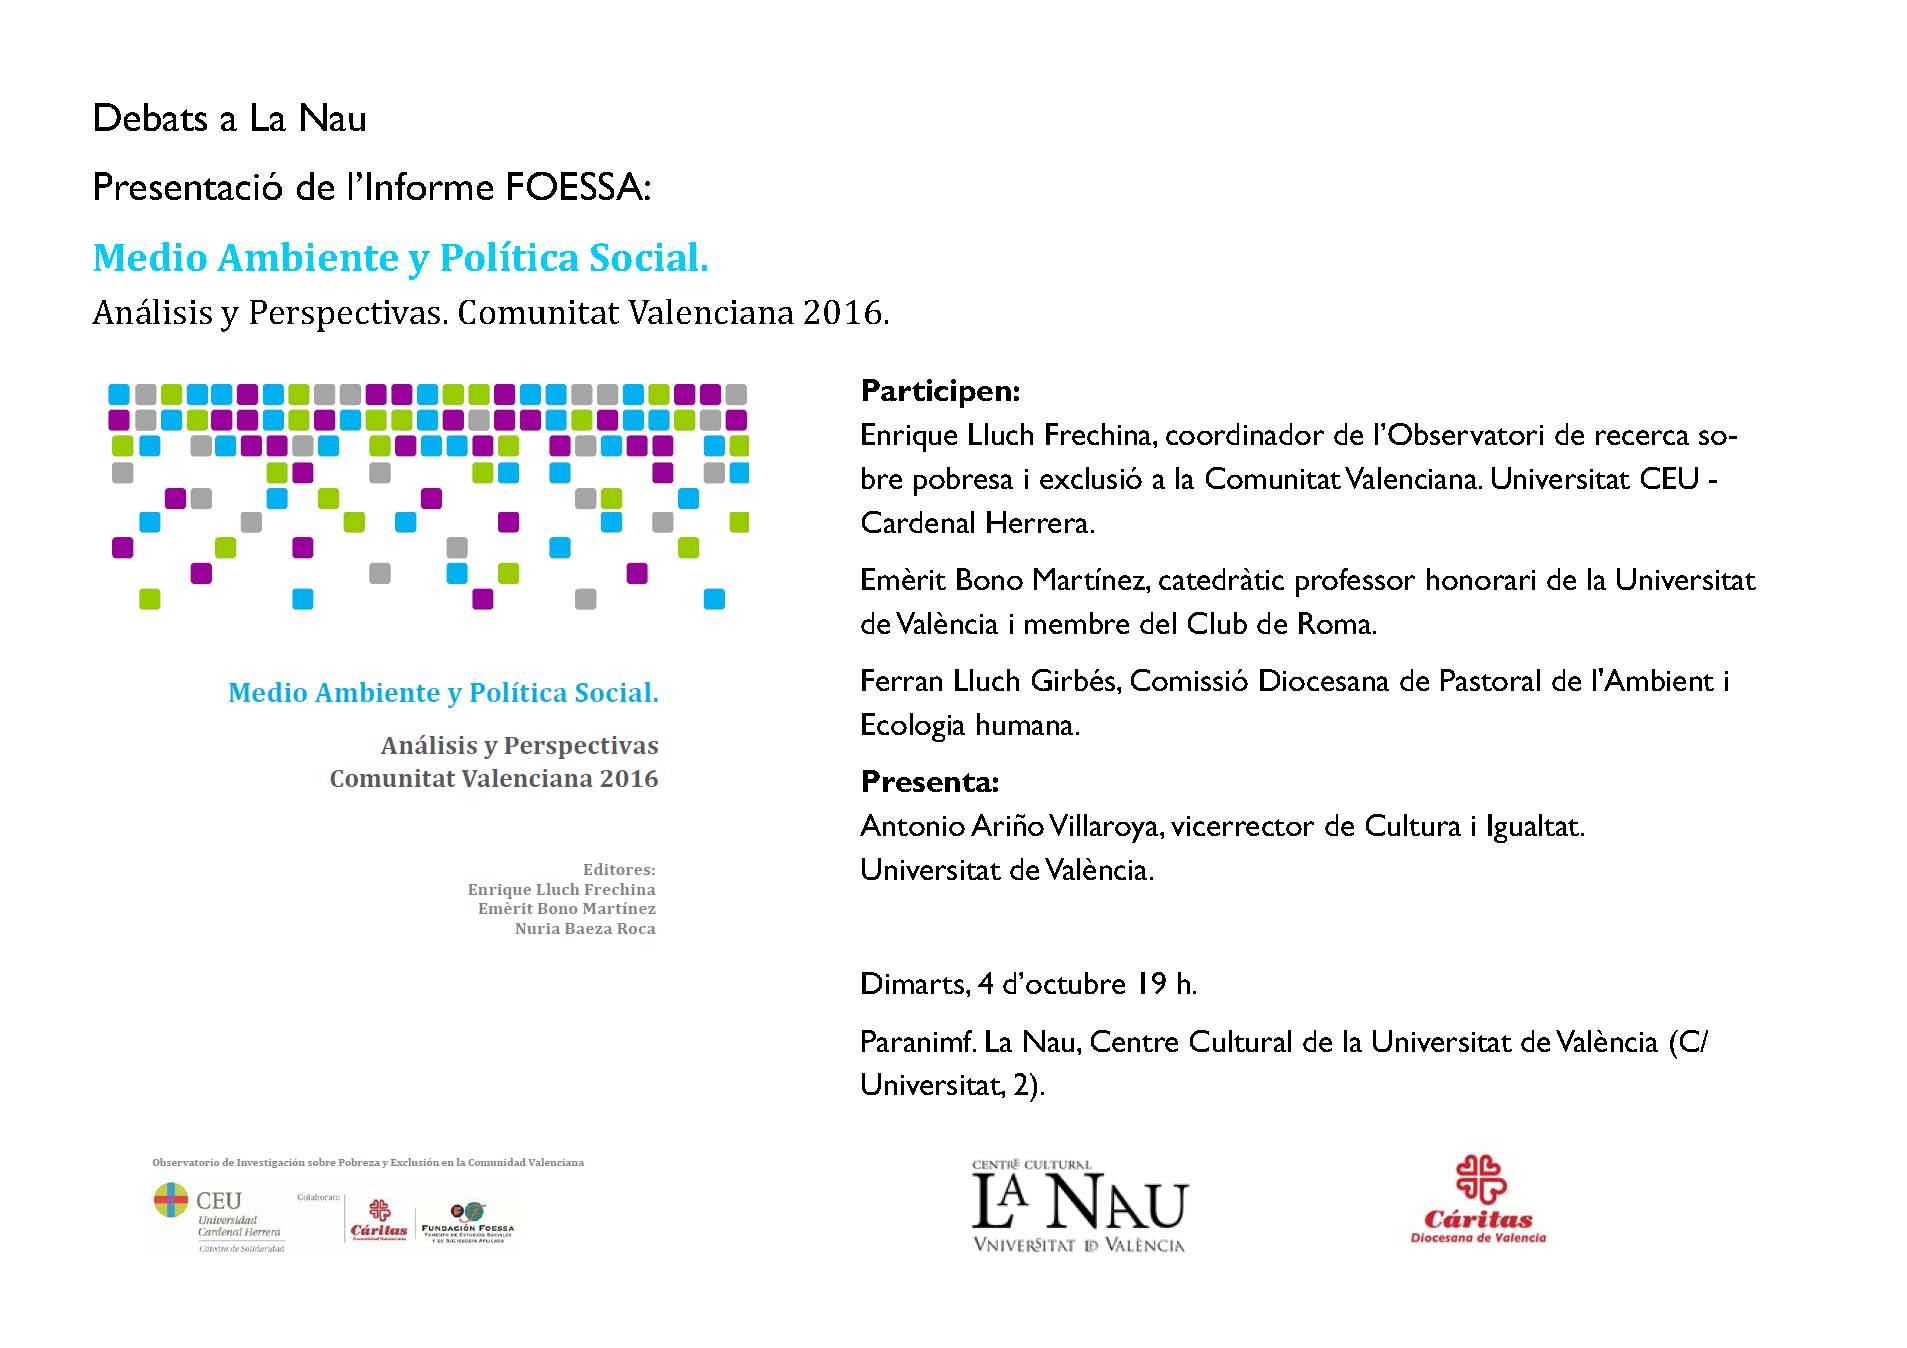 Acto de presentación del Informe, mañana martes, 4 de octubre, a las 19h., en Valencia (La Nau, Paraninf).